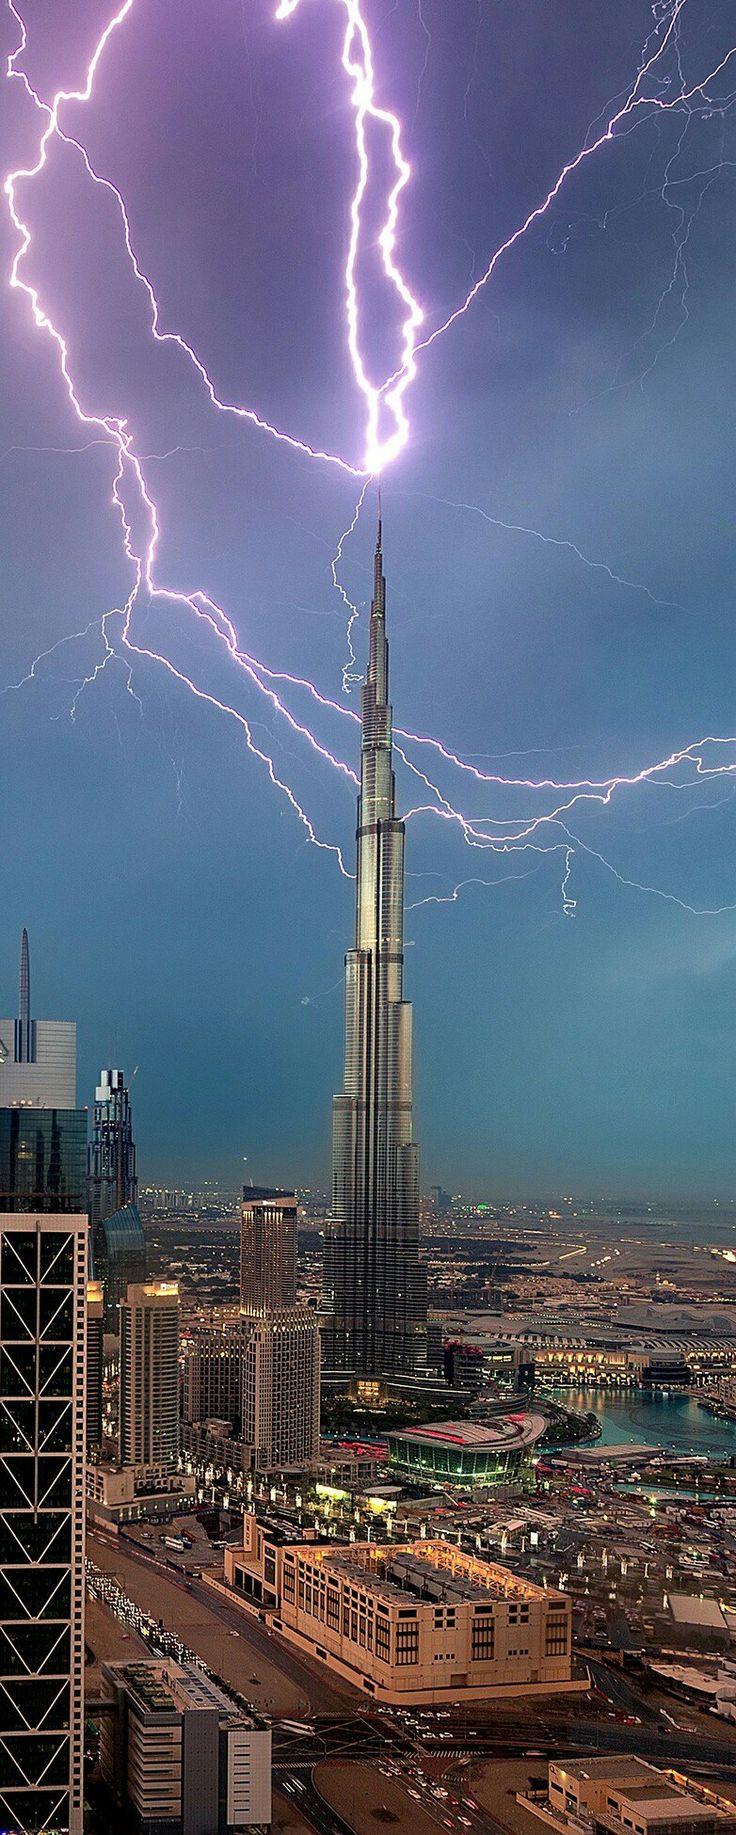 Een van de vele torens in Dubai zijn uitgerust met een speciale bliksemafleider, het gebeurt dus ook niet vaak dat dit gebeurt. 19:30 7/03